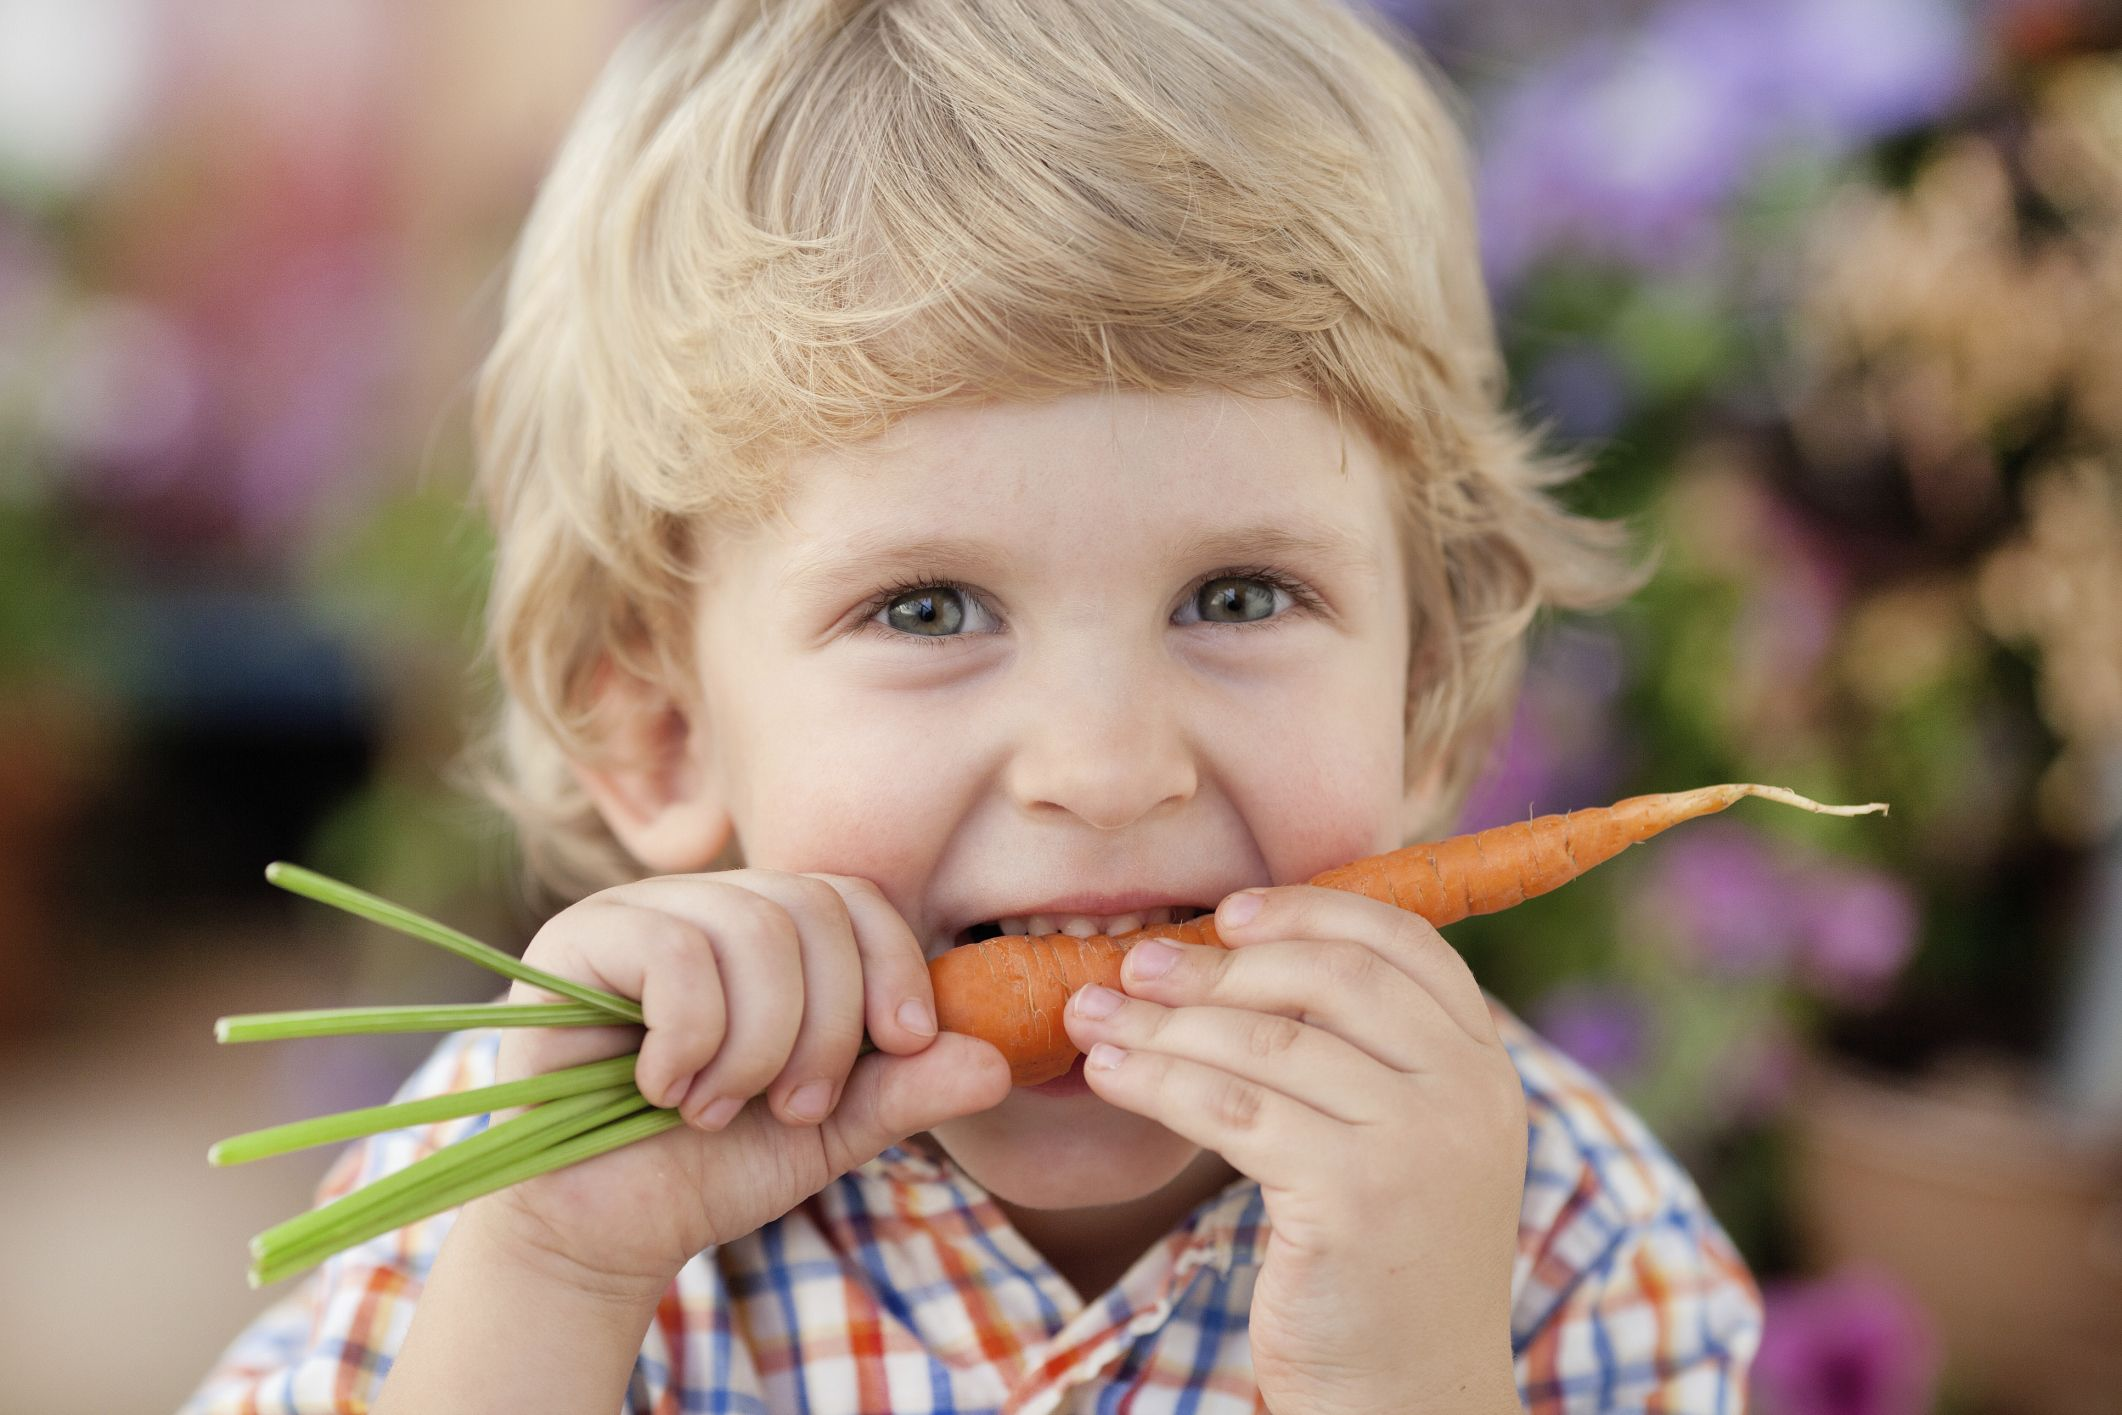 Enfant qui mange une carotte